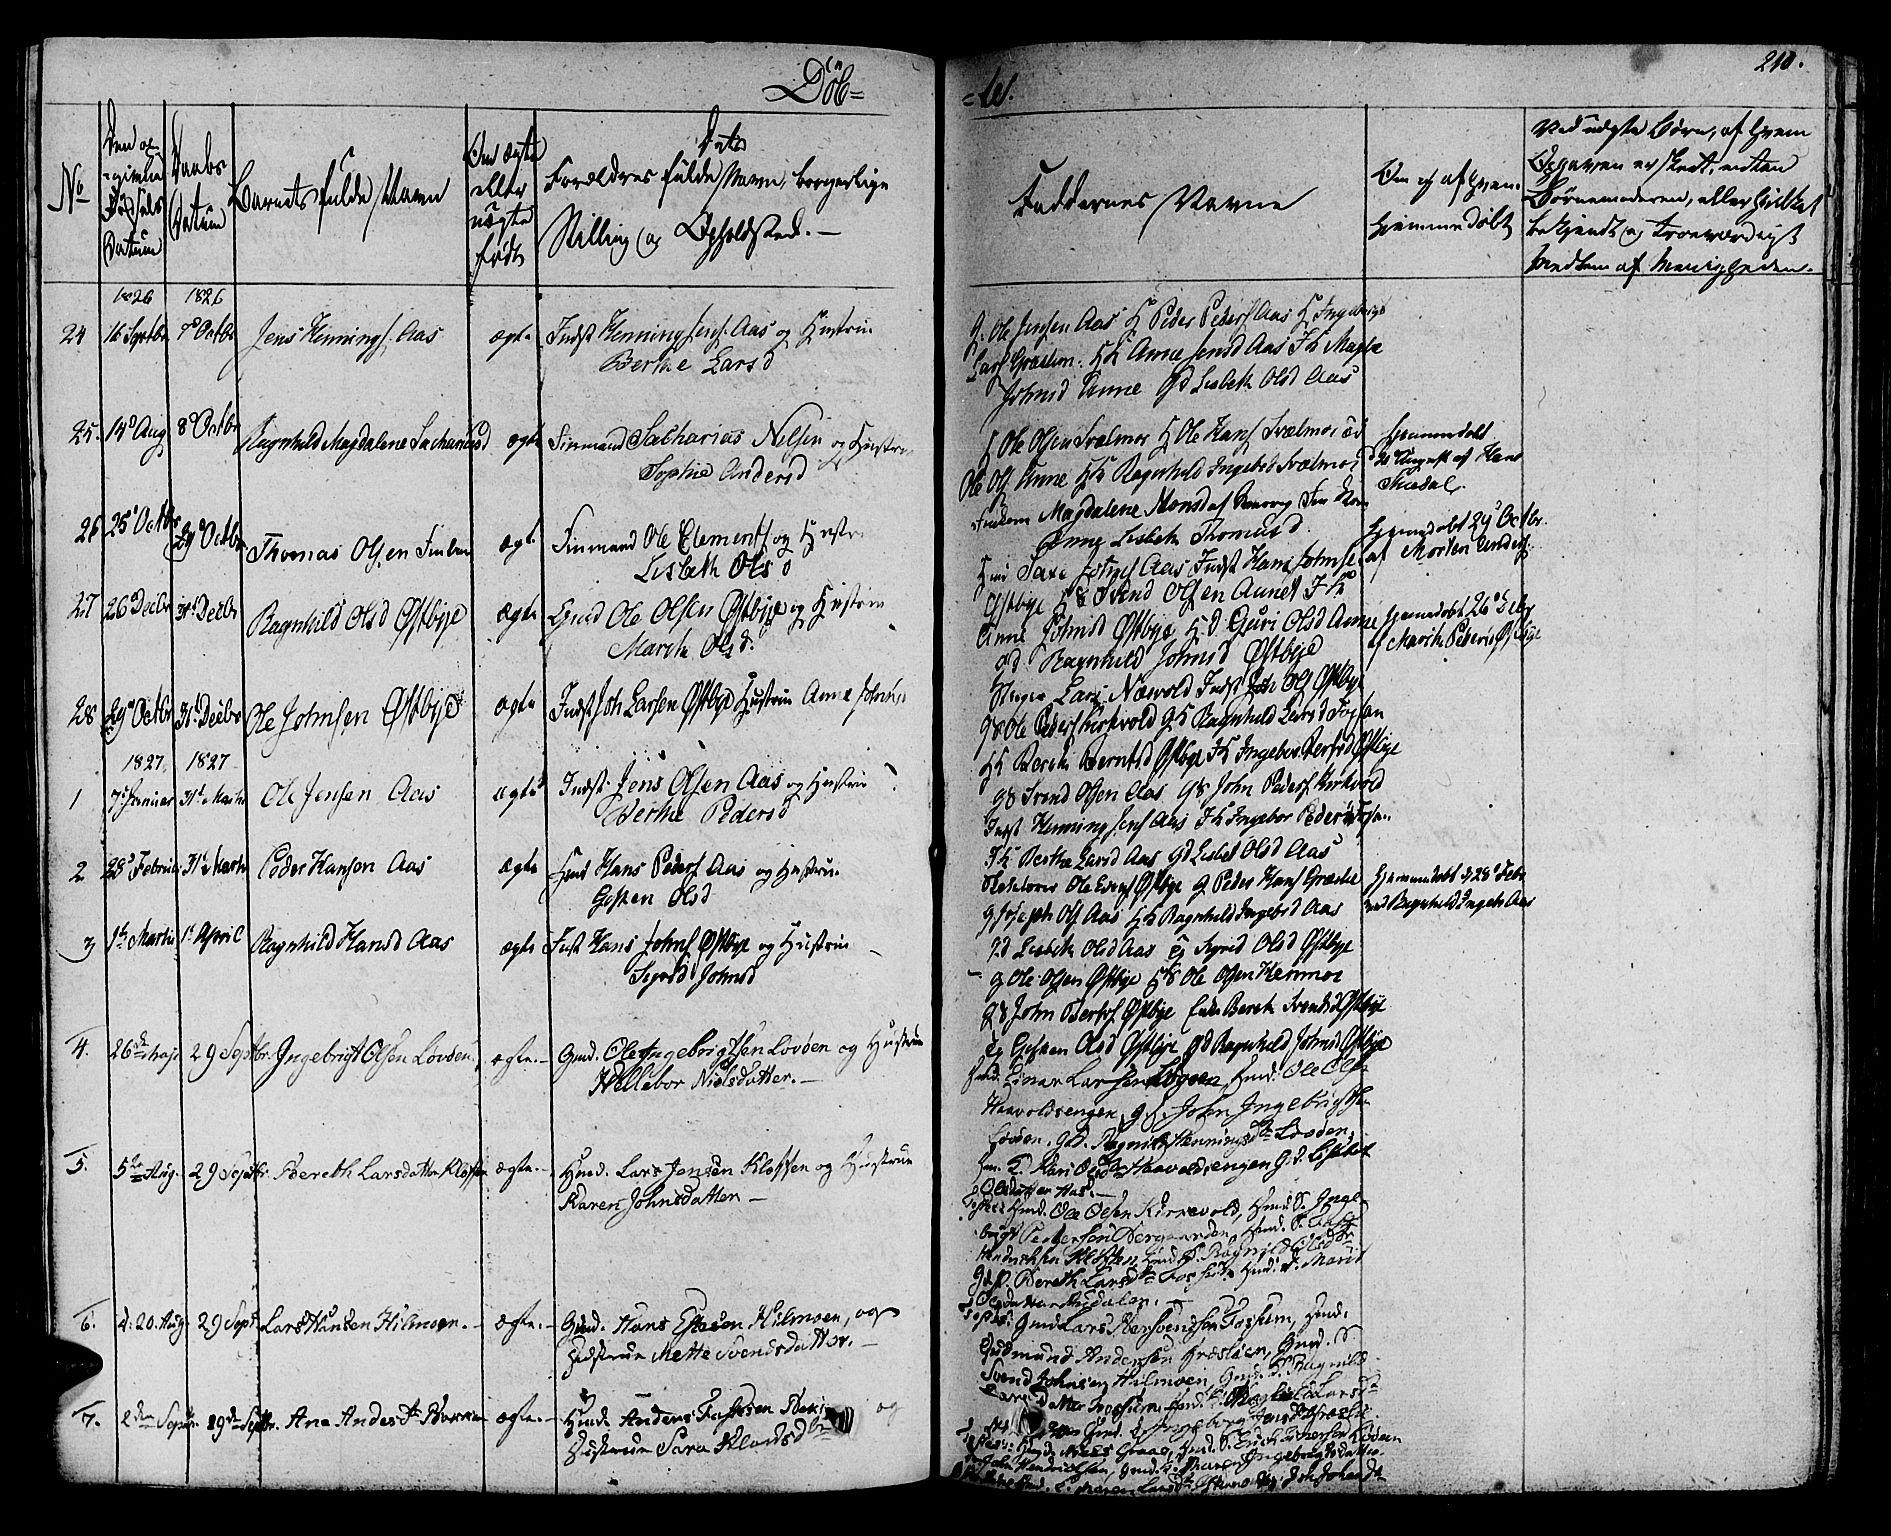 SAT, Ministerialprotokoller, klokkerbøker og fødselsregistre - Sør-Trøndelag, 695/L1144: Ministerialbok nr. 695A05 /2, 1824-1842, s. 210